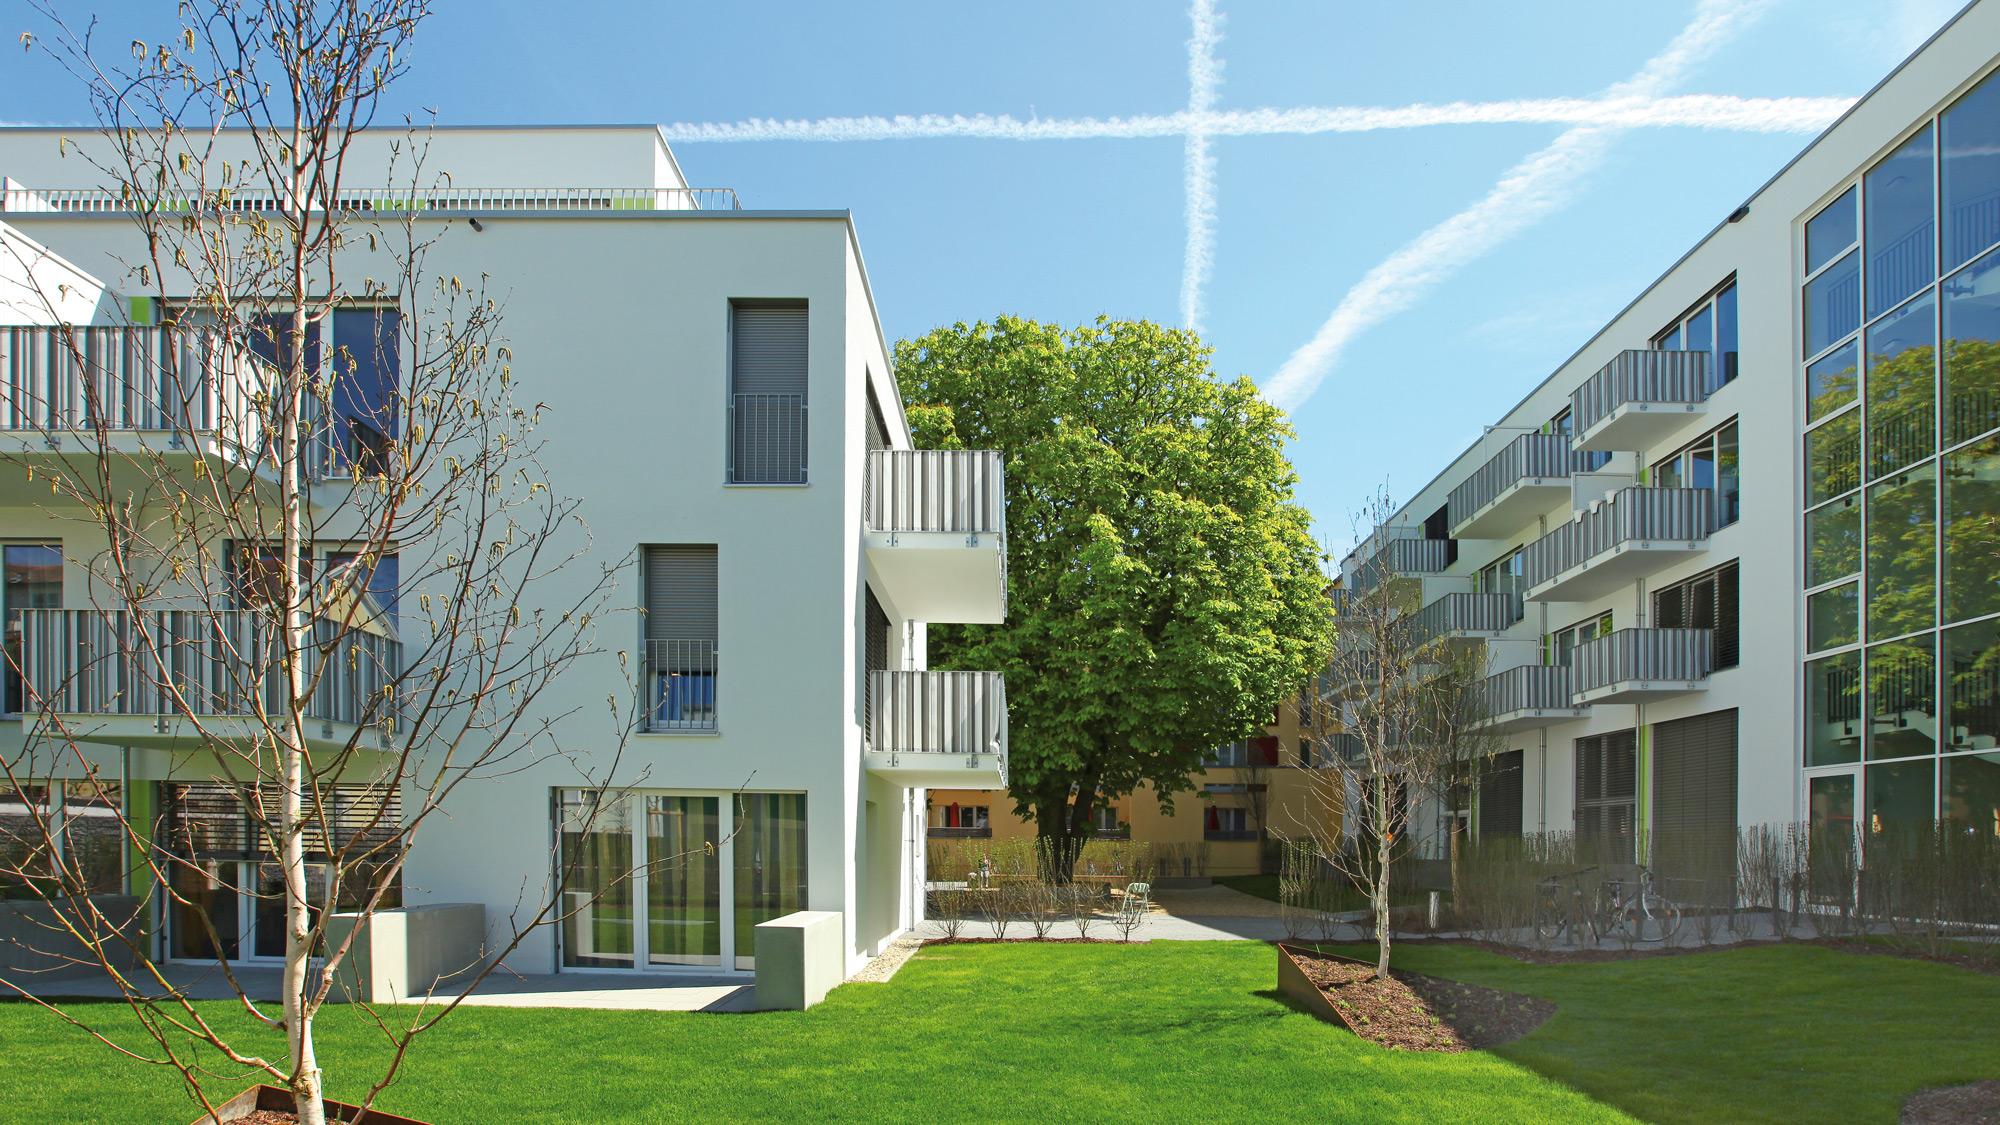 Neubauprojekt studiosus 2 in Regensburg - Hofansicht der Wohnanlage mit Lifestyle-Apartments in zentraler Lage